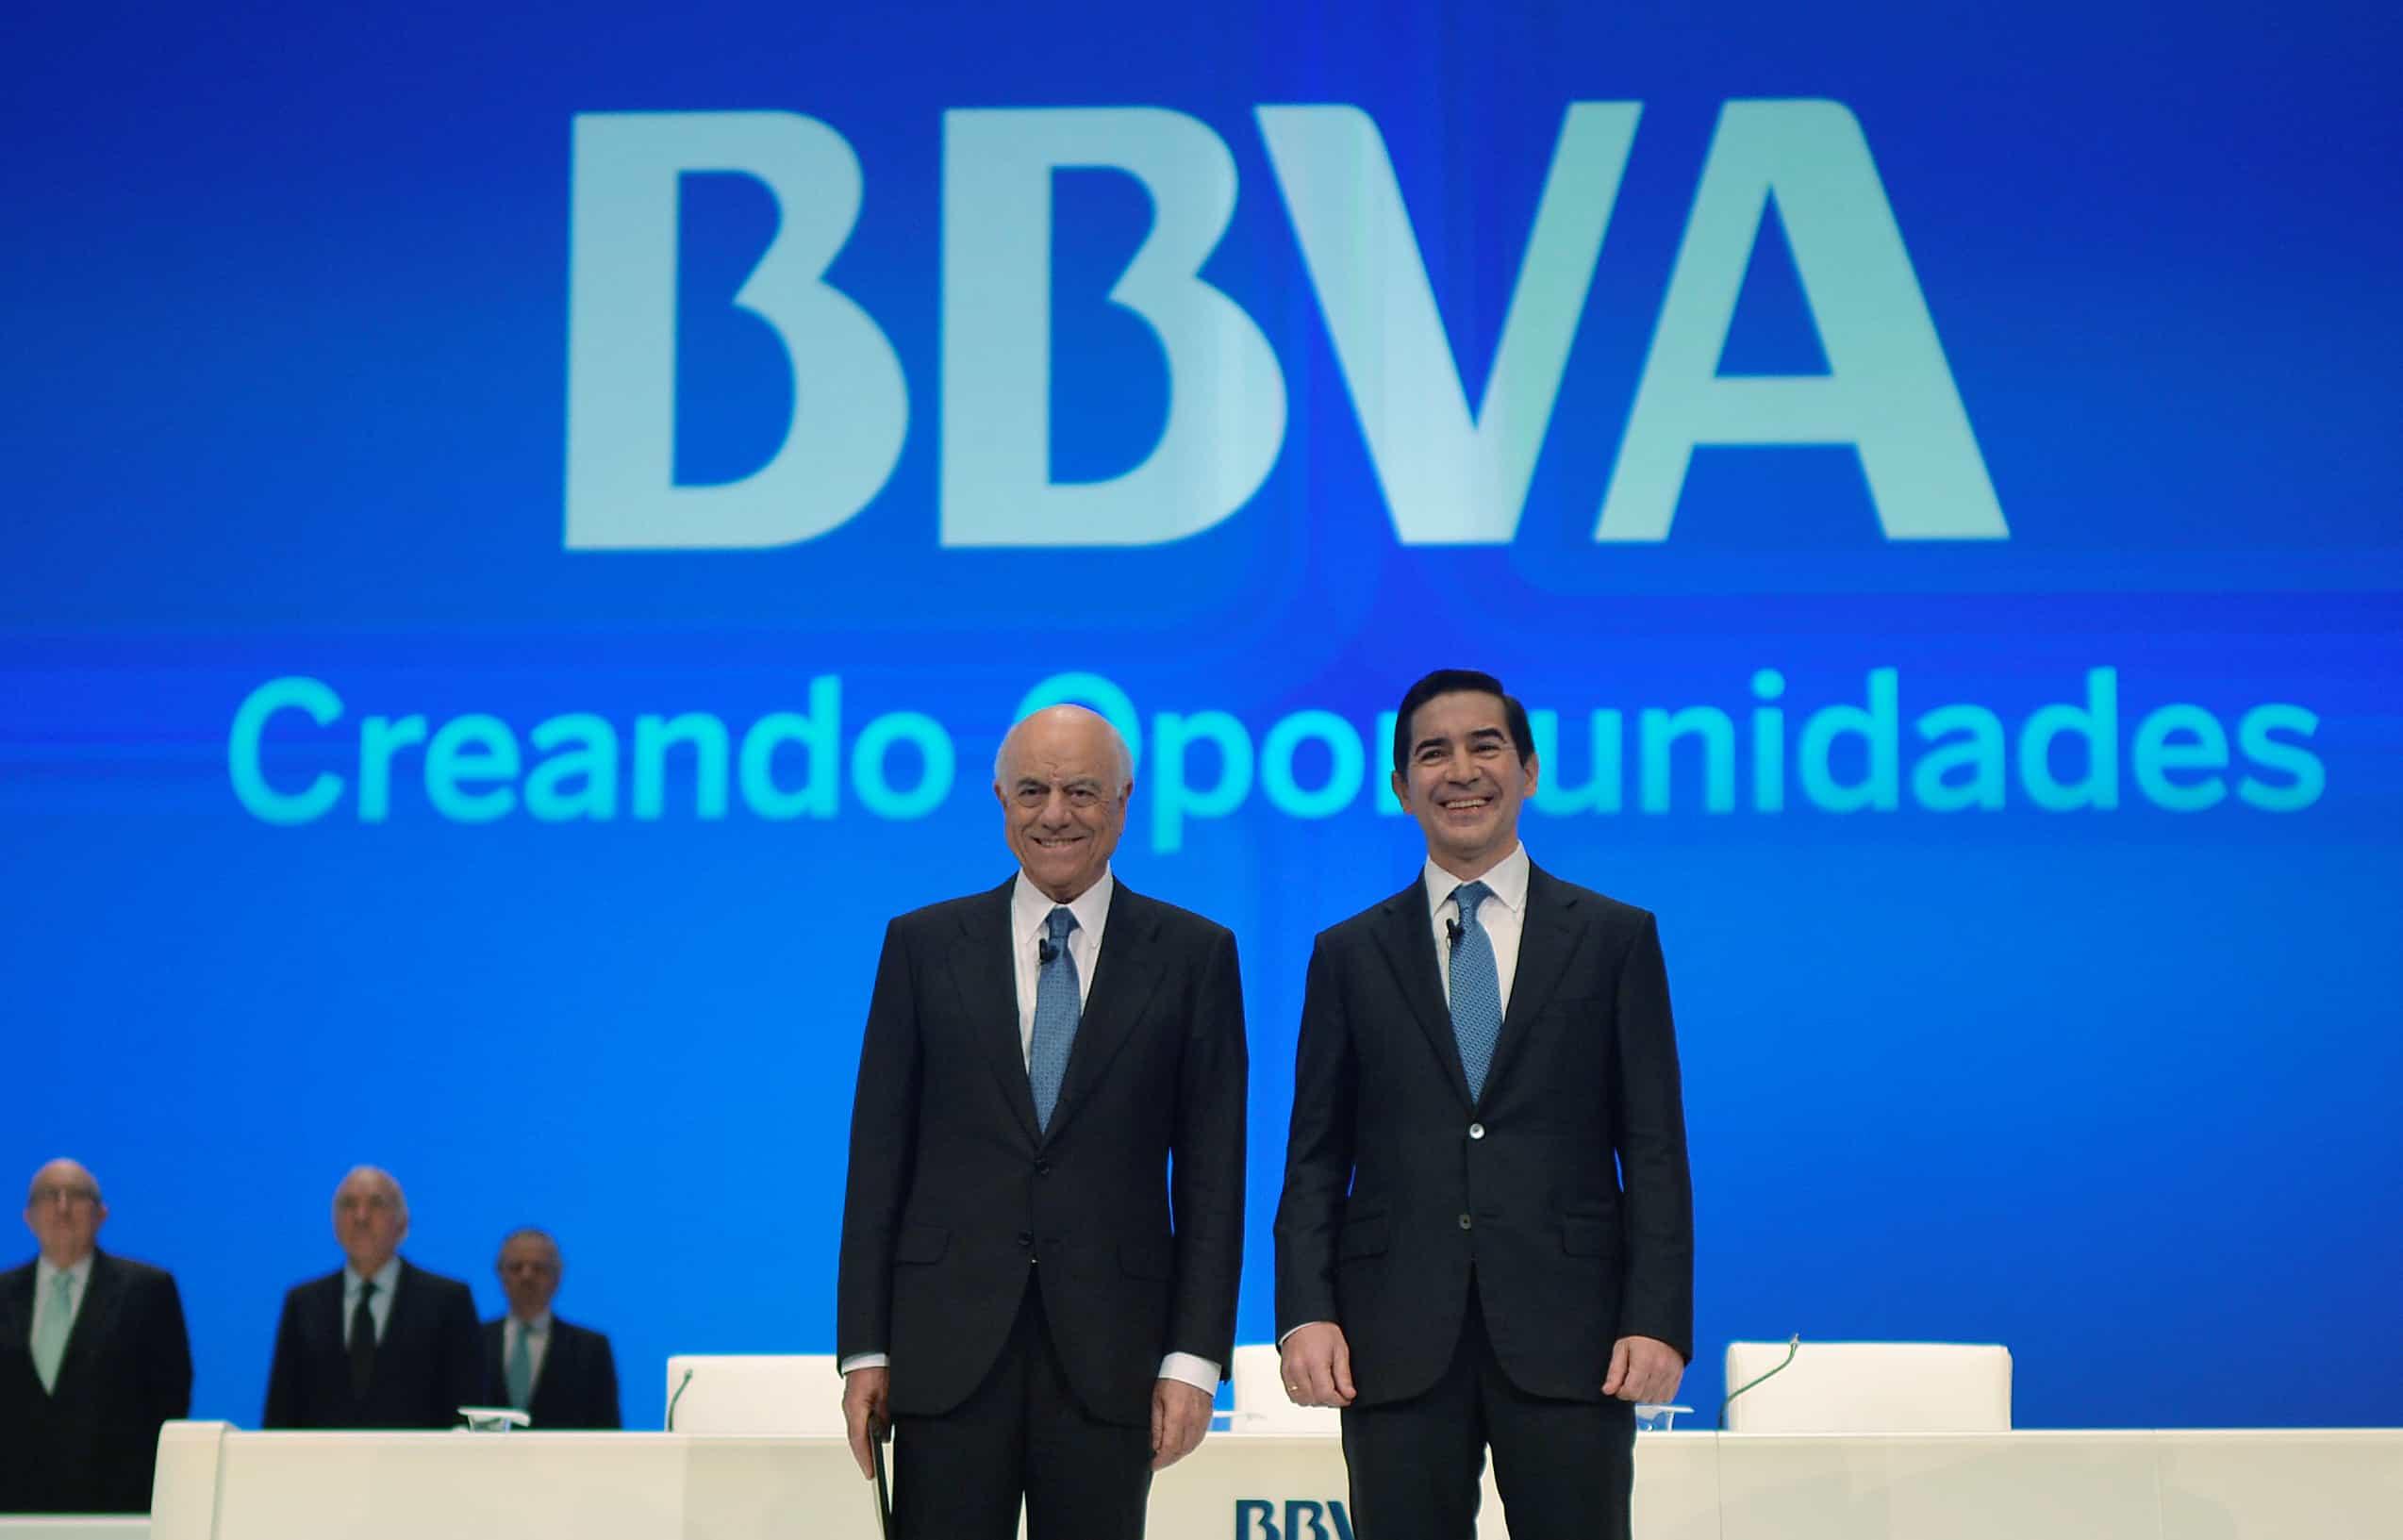 El presidente ejecutivo de BBVA, Francisco González, y el consejero delegado, Carlos Torres Vila, durante una junta de accionistas en el Palacio Euskalduna en Bilbao, España. 16 de marzo 2018. REUTERS/Vincent West